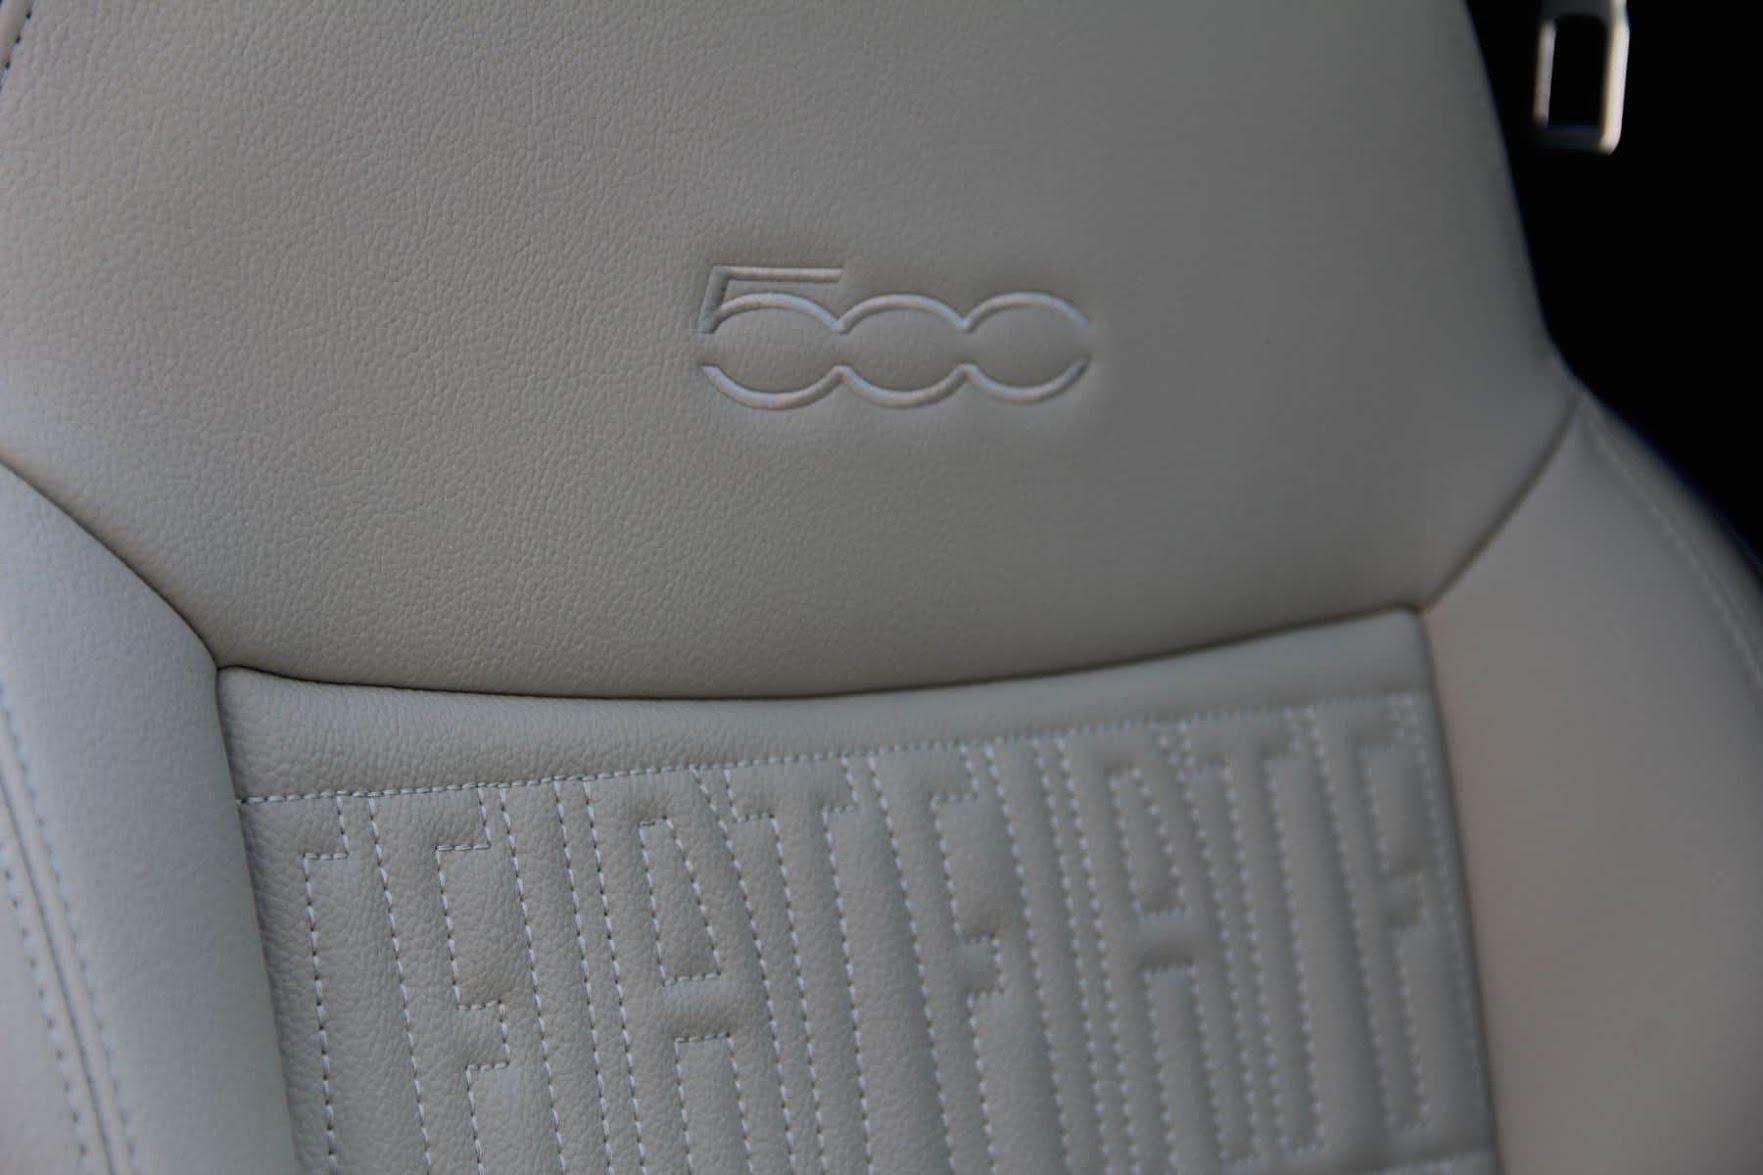 Siège de la Fiat 500E